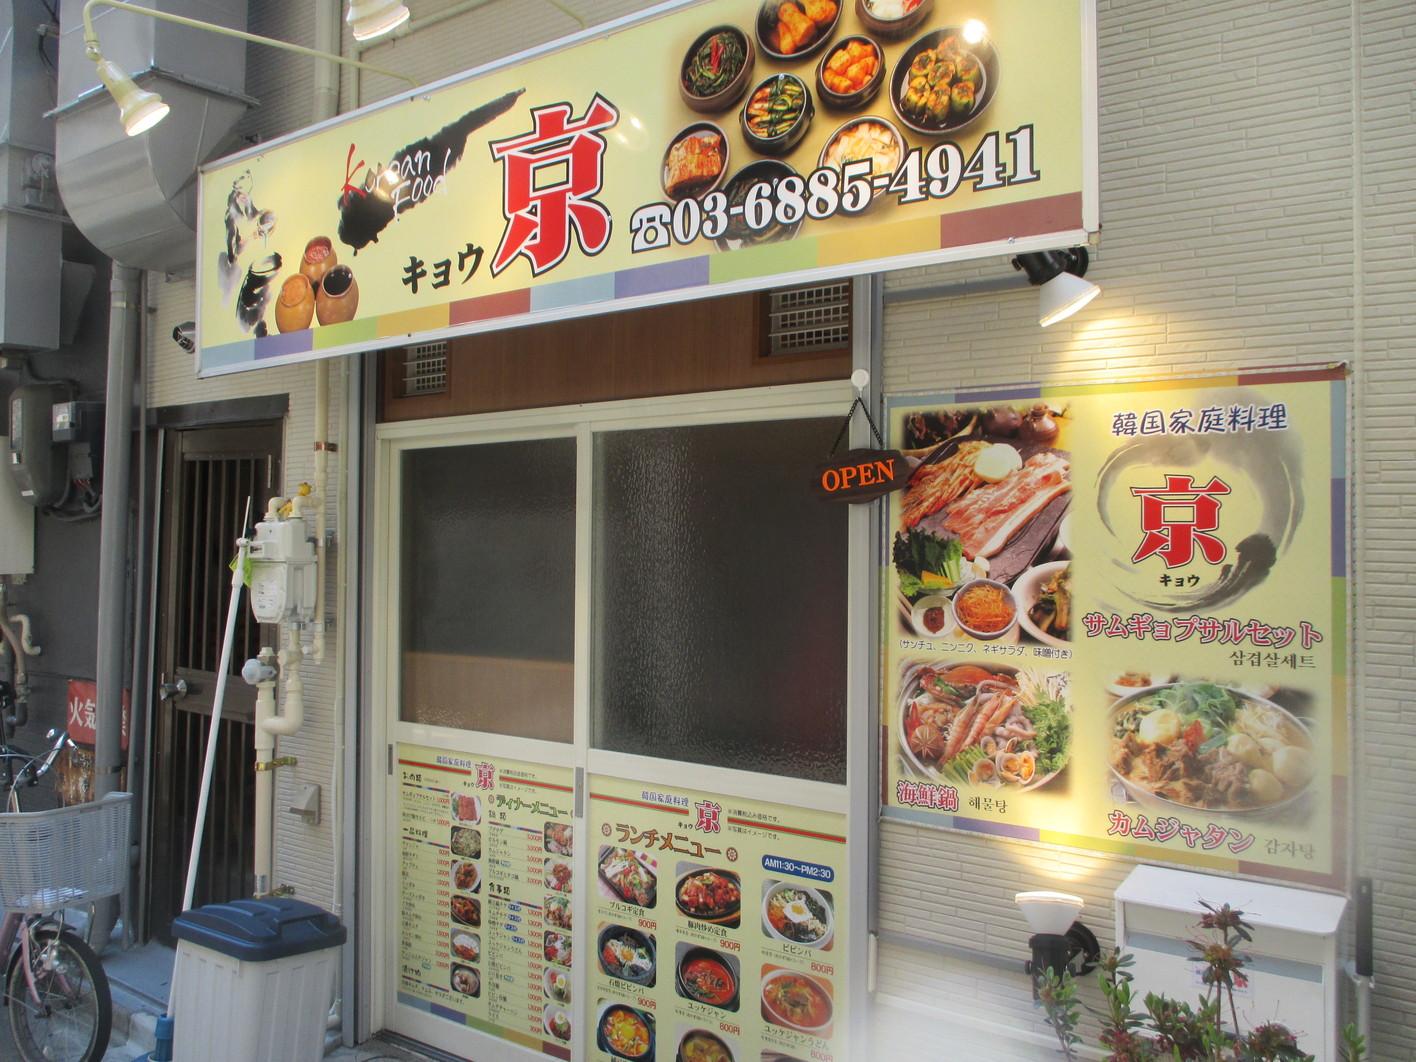 韓国家庭料理 京